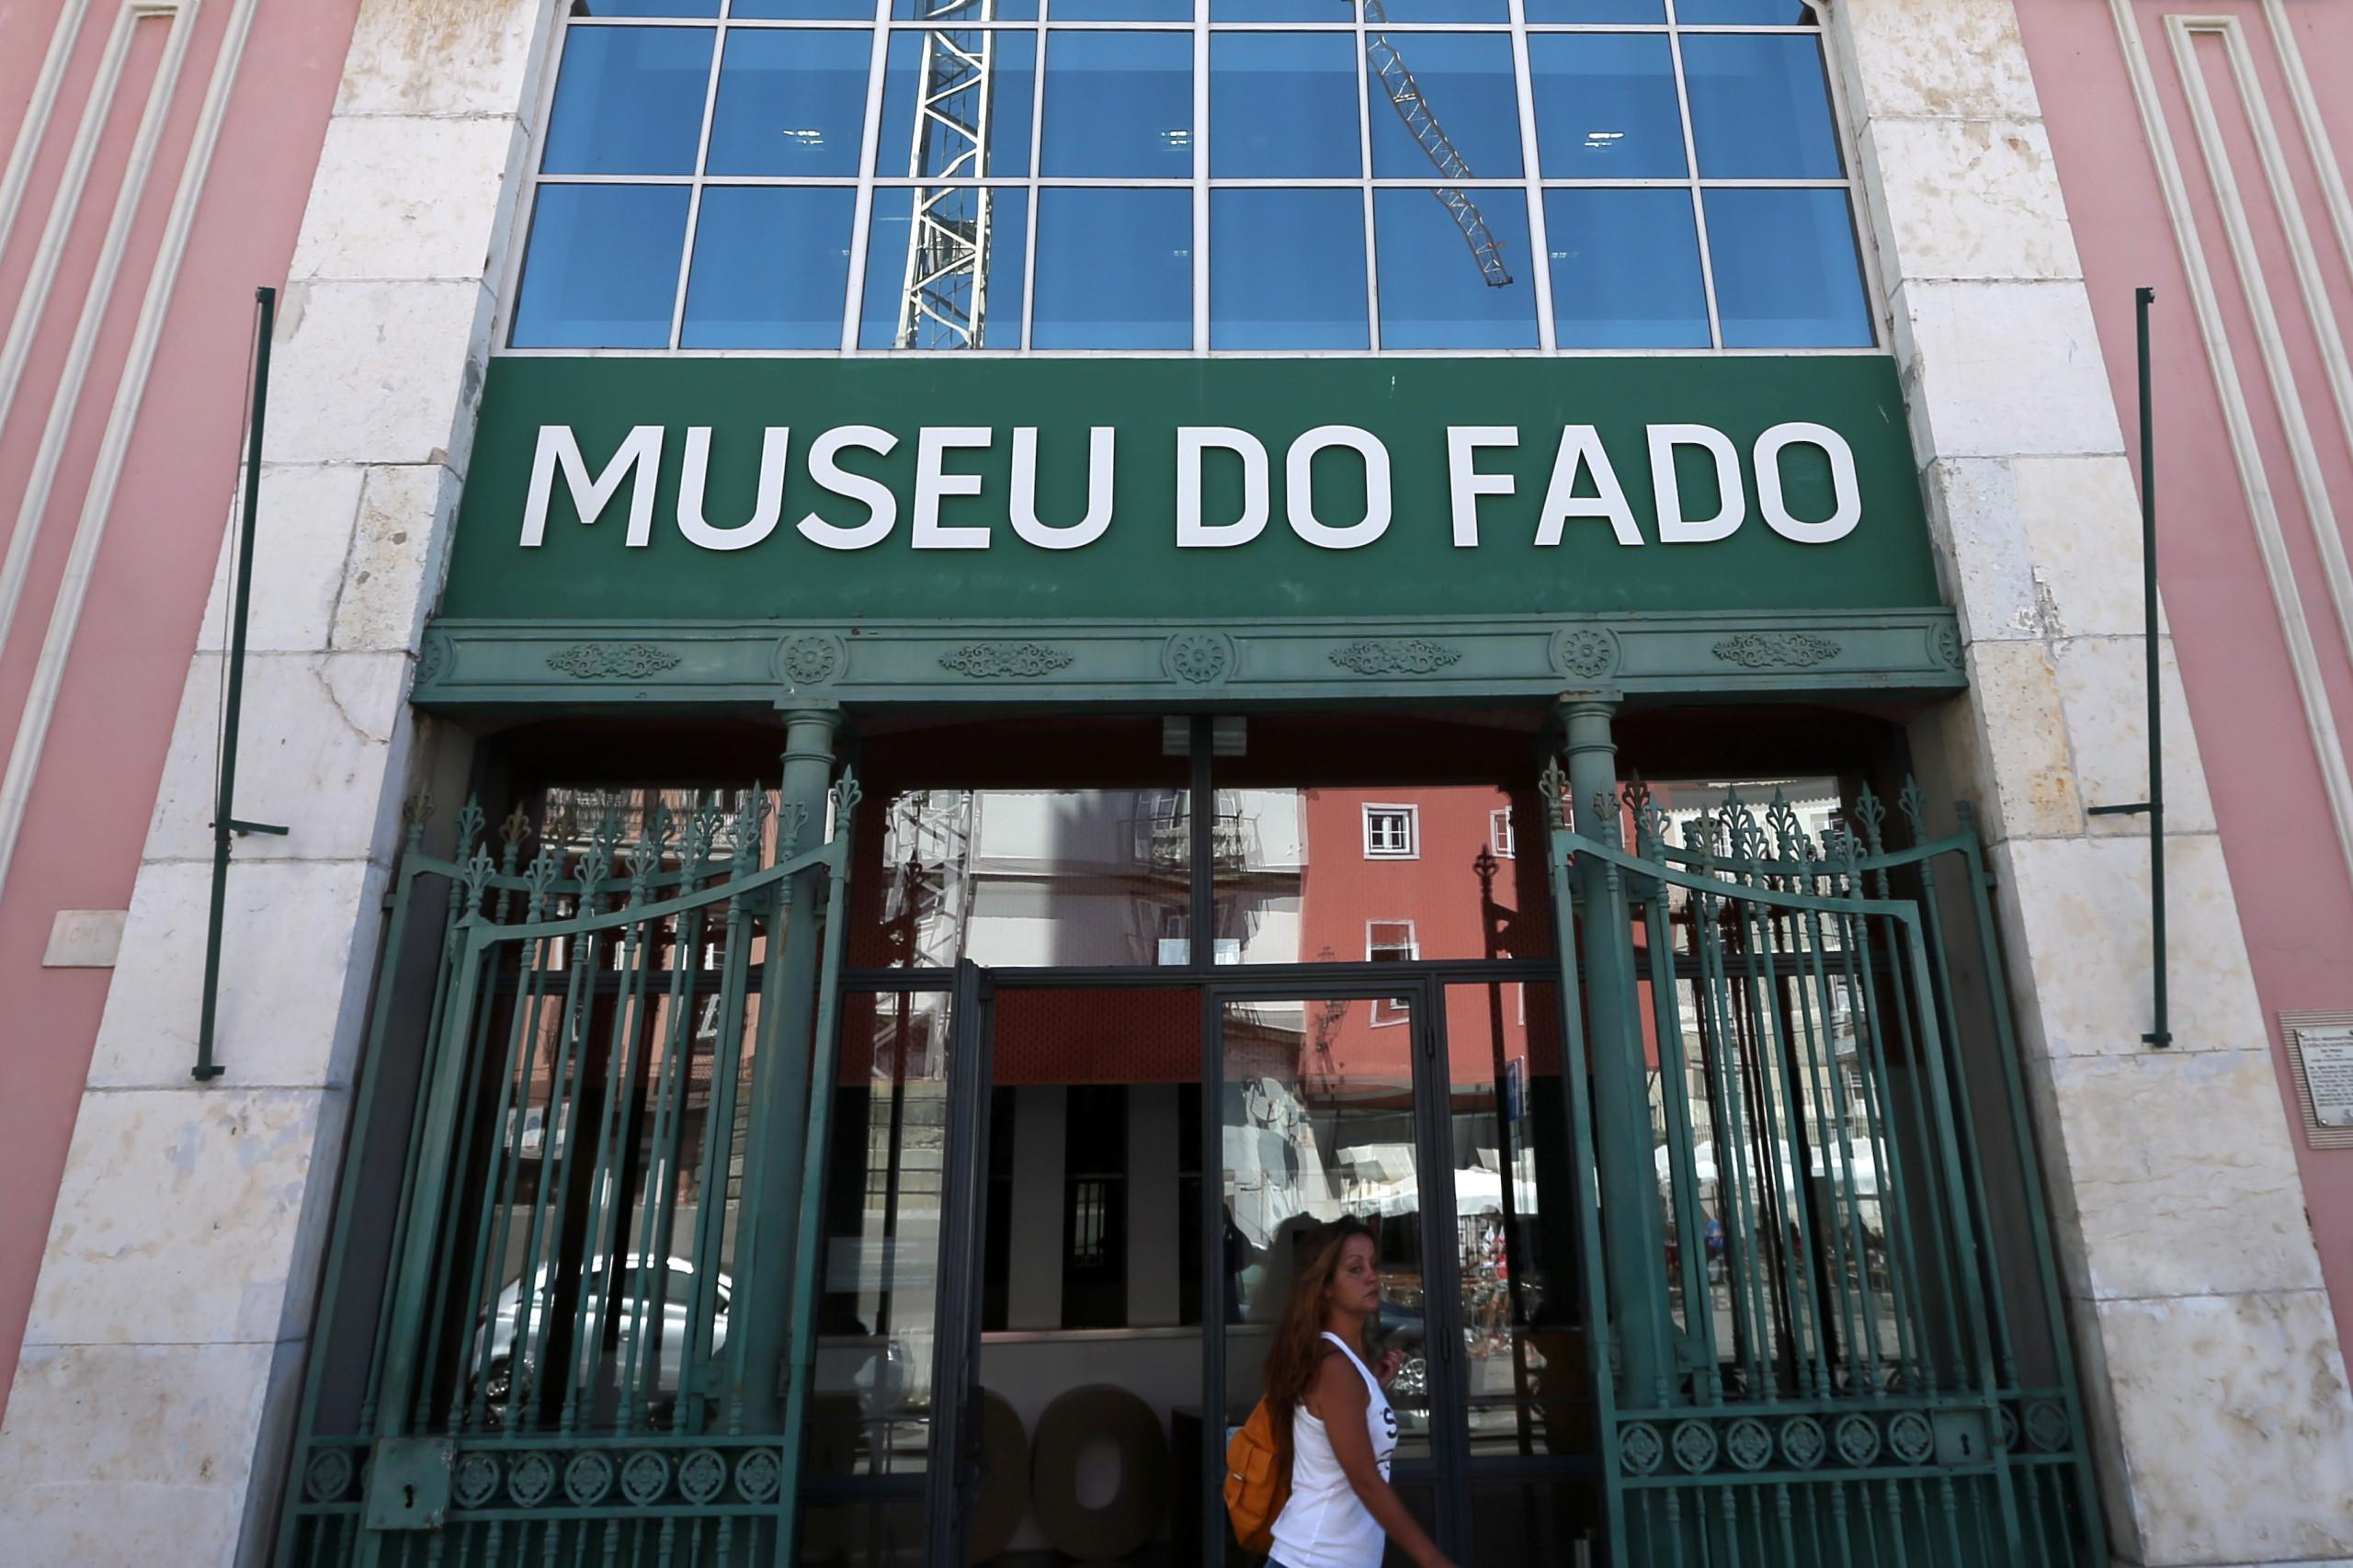 Museu do Fado celebra 20 anos com exposição sobre Maria Teresa de Noronha